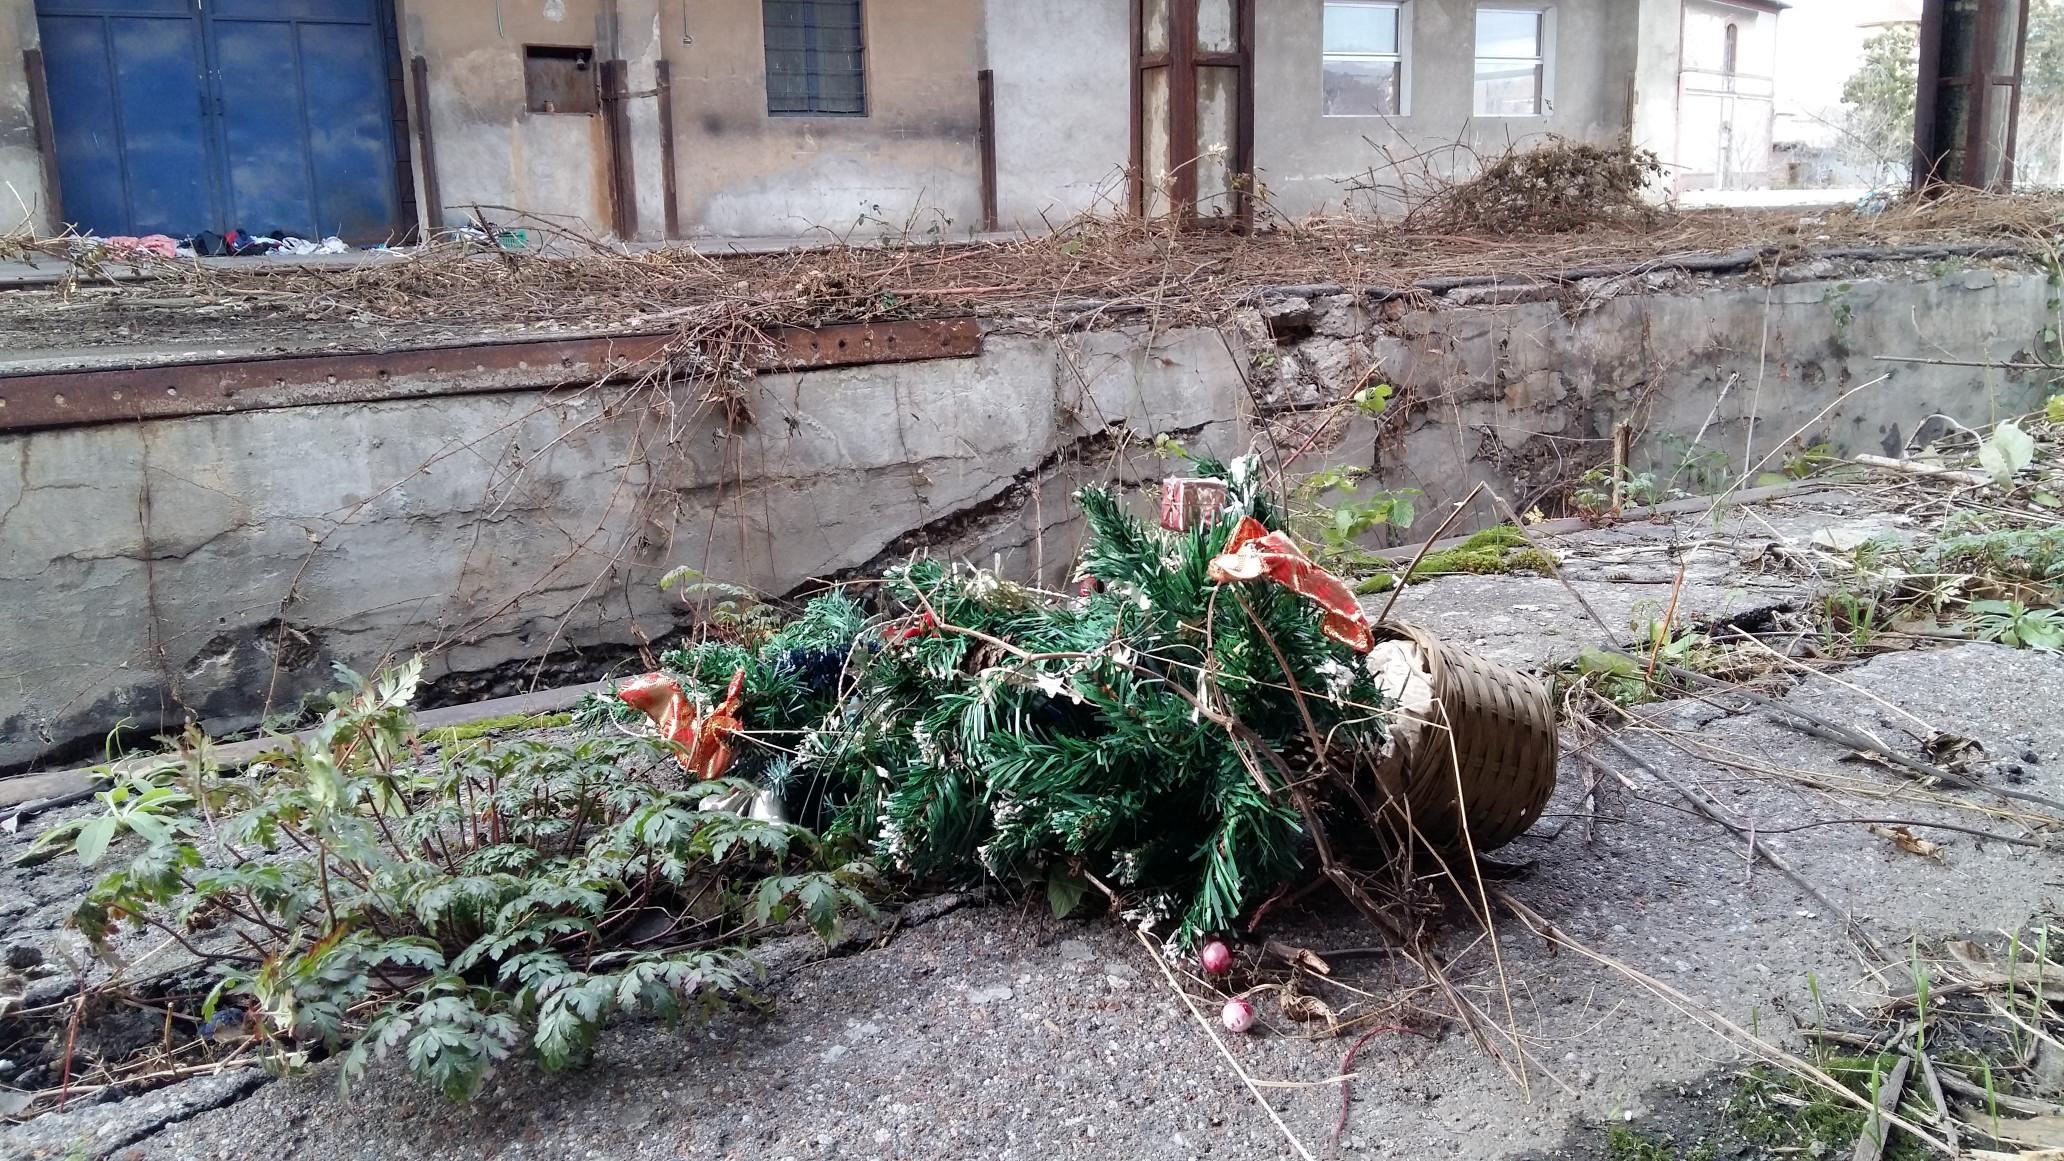 Jön a karácsony. Sőt, íme, van, ahol már el is múlt.